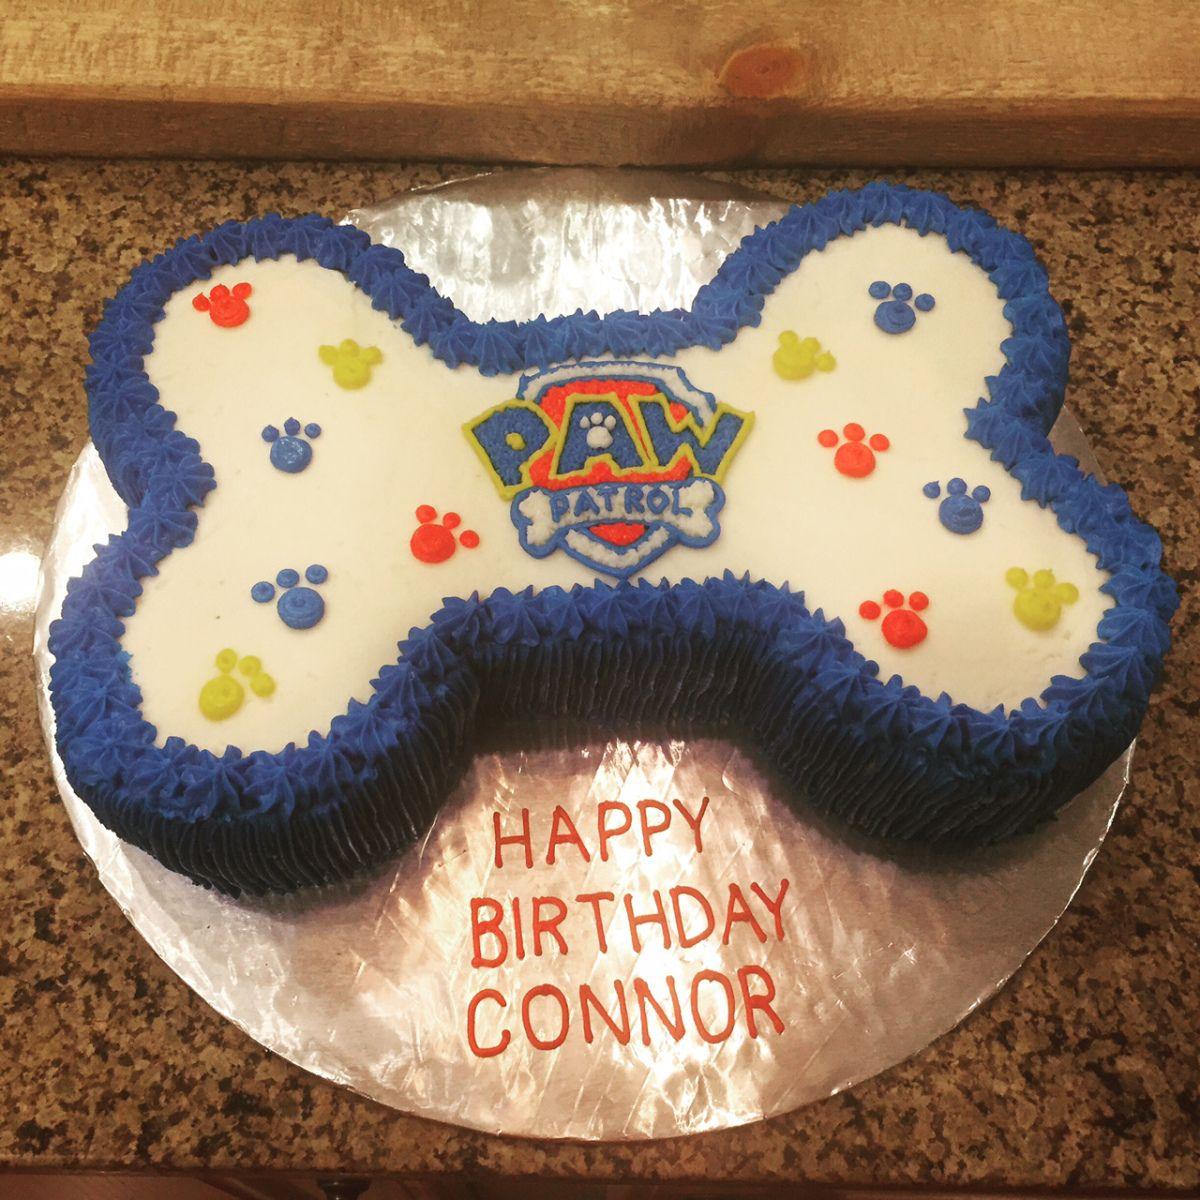 paw patrol cake and cookies  paw patrol birthday cake